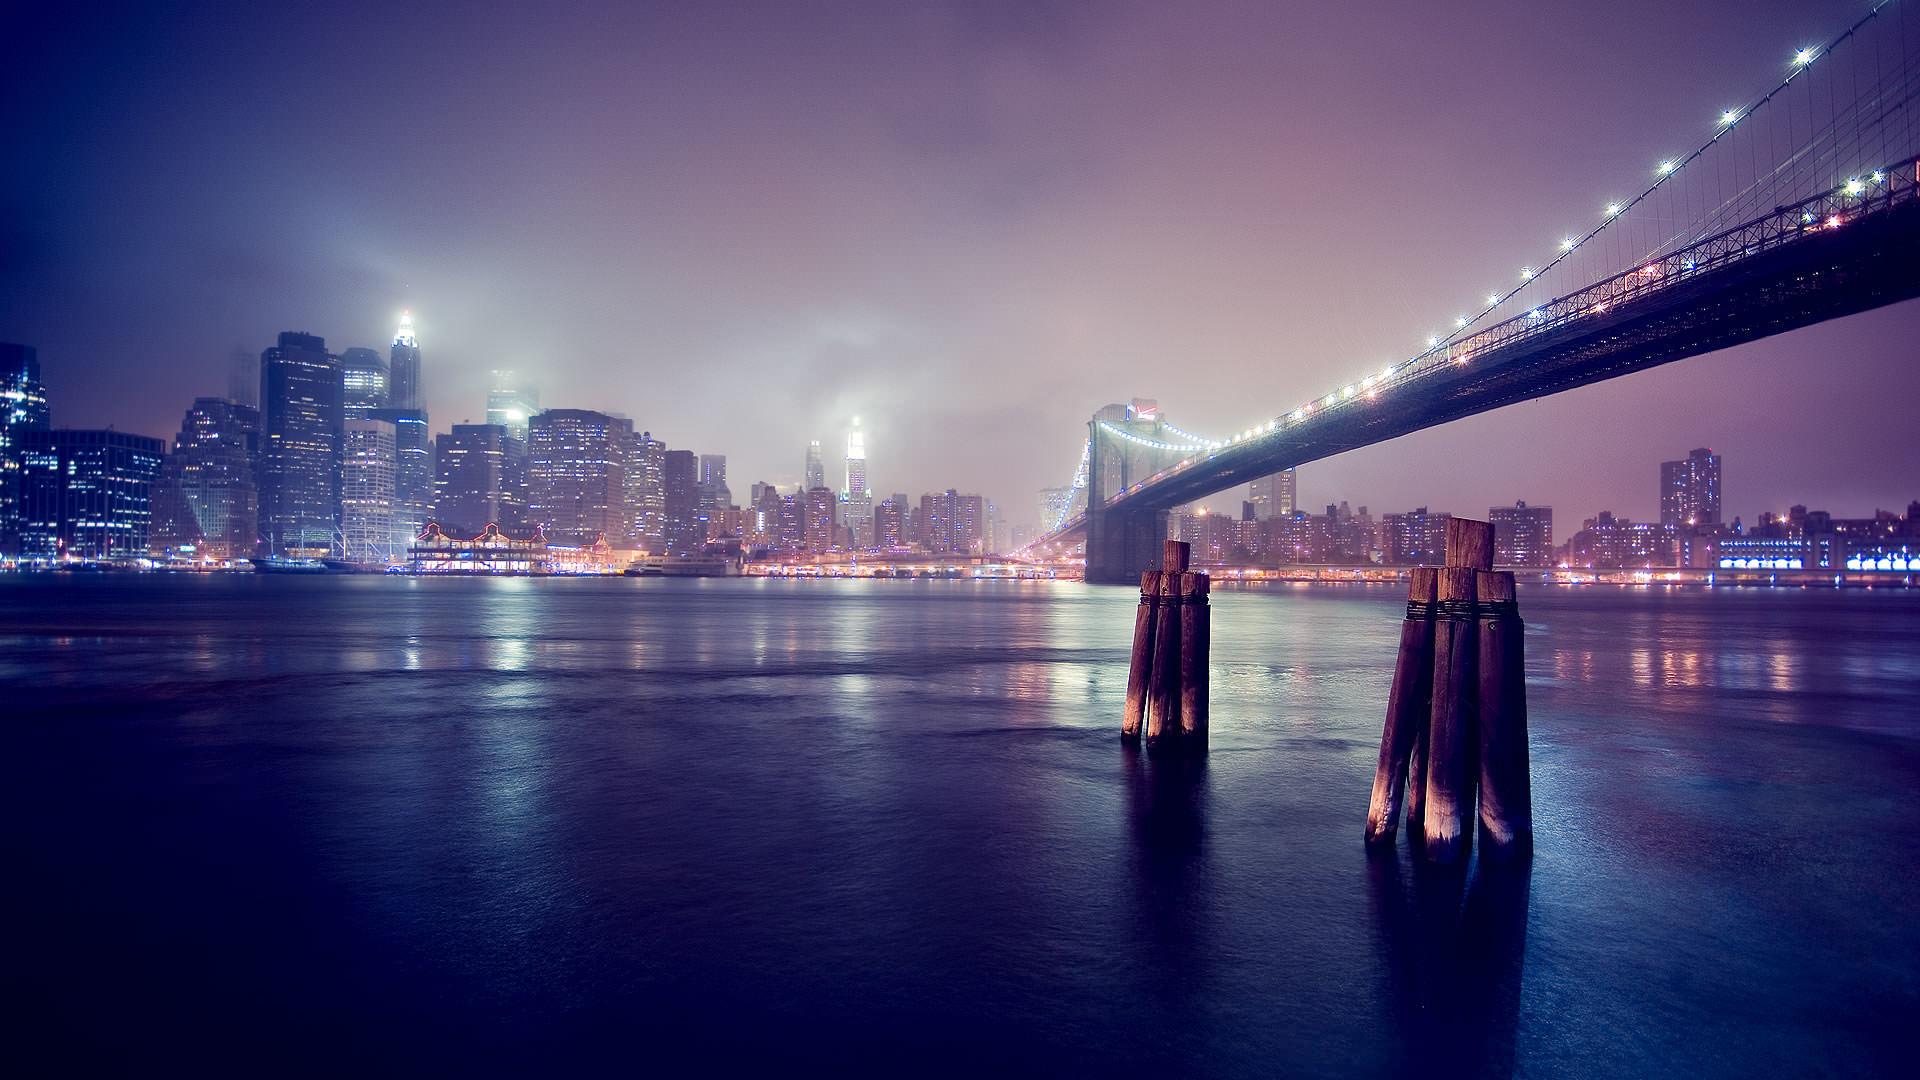 Landscape HD Wallpapers 1080p - WallpaperSafari